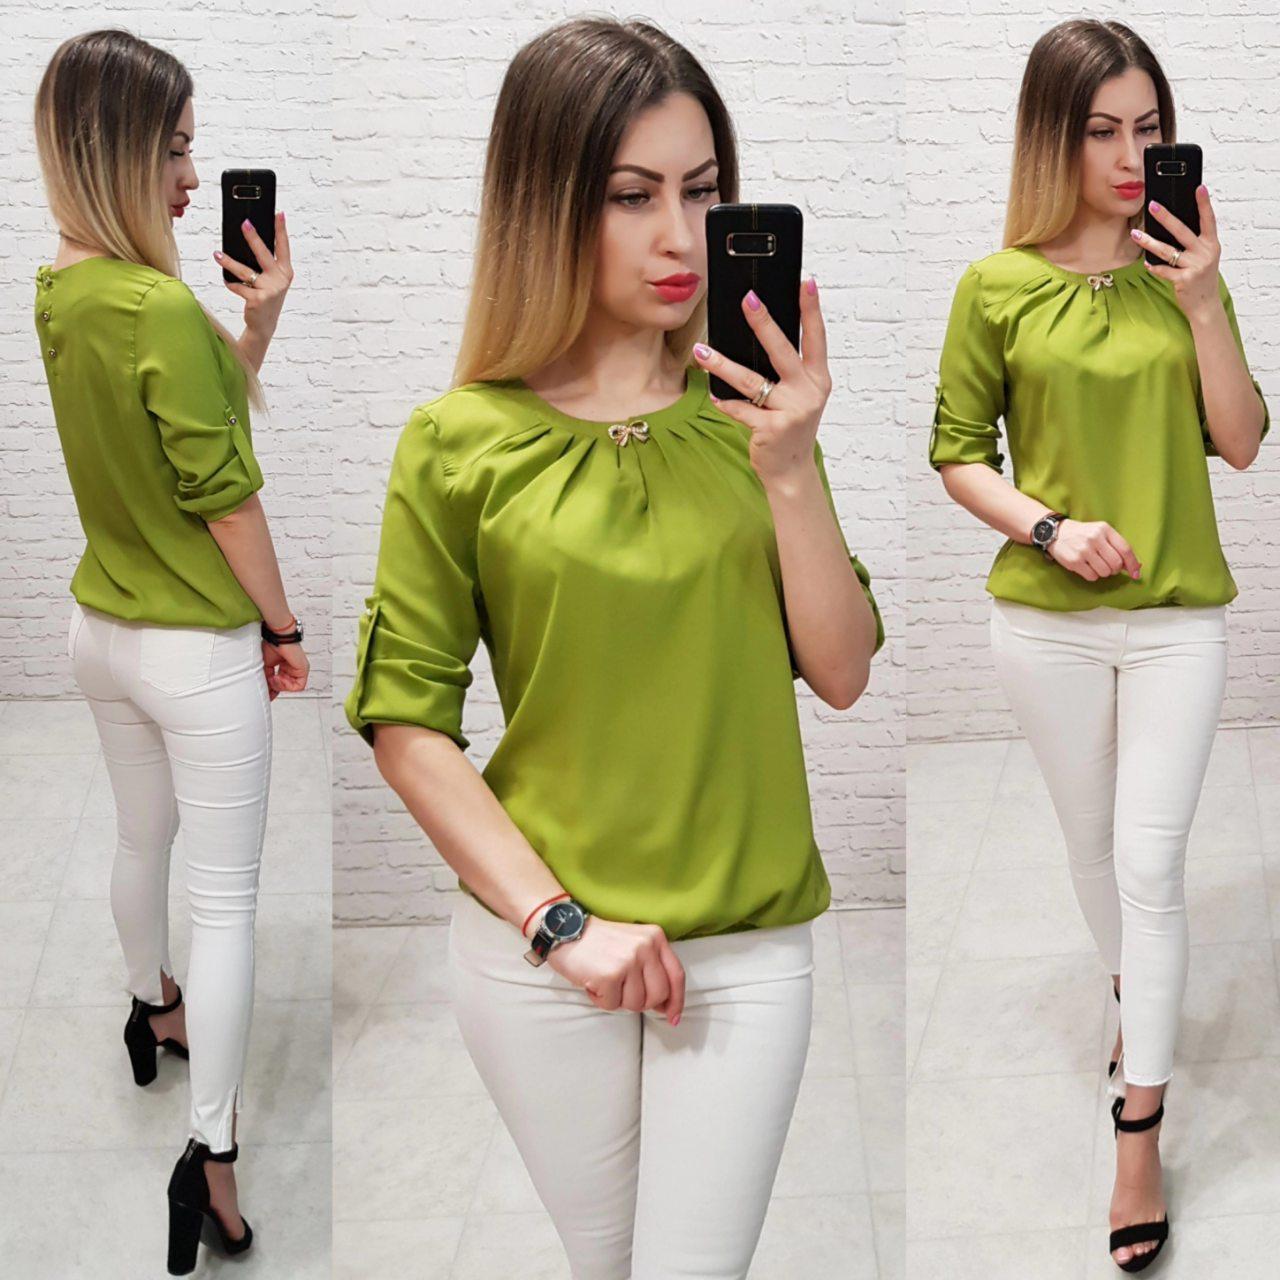 Блуза с брошкой бант арт. 779 оливка / оливковый зеленый / оливкового цвета